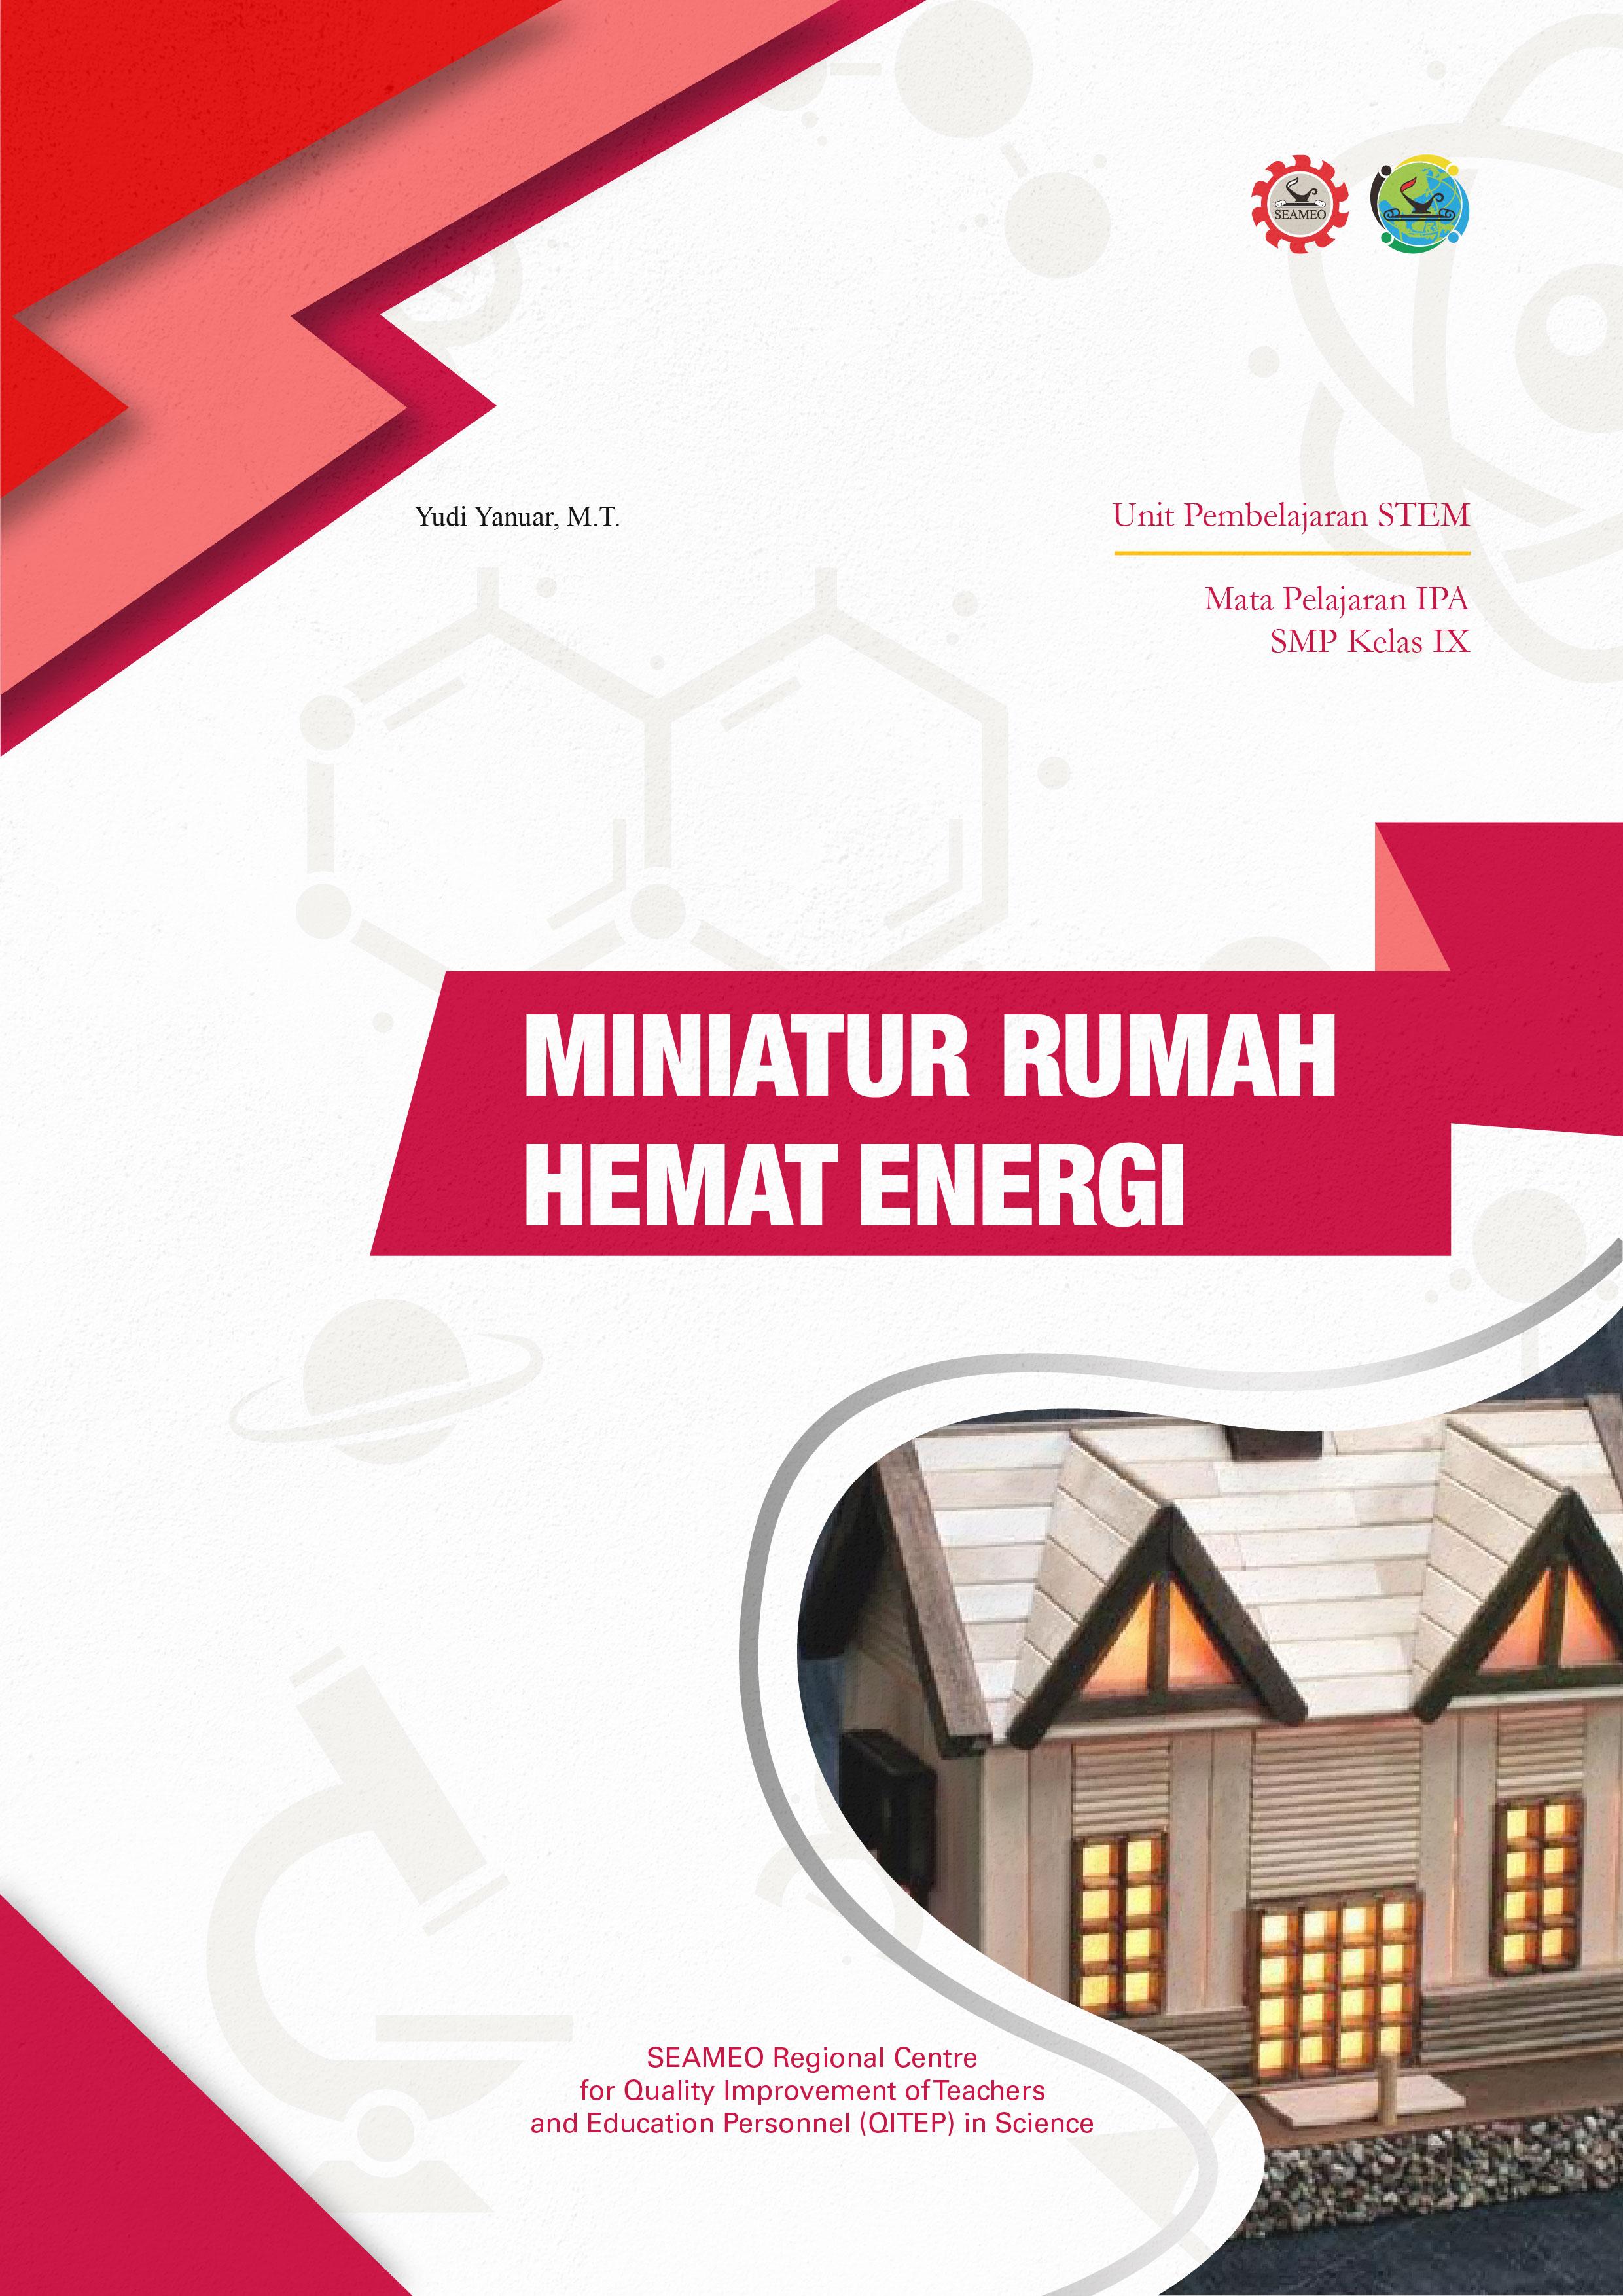 Miniatur Rumah Hemat Energi